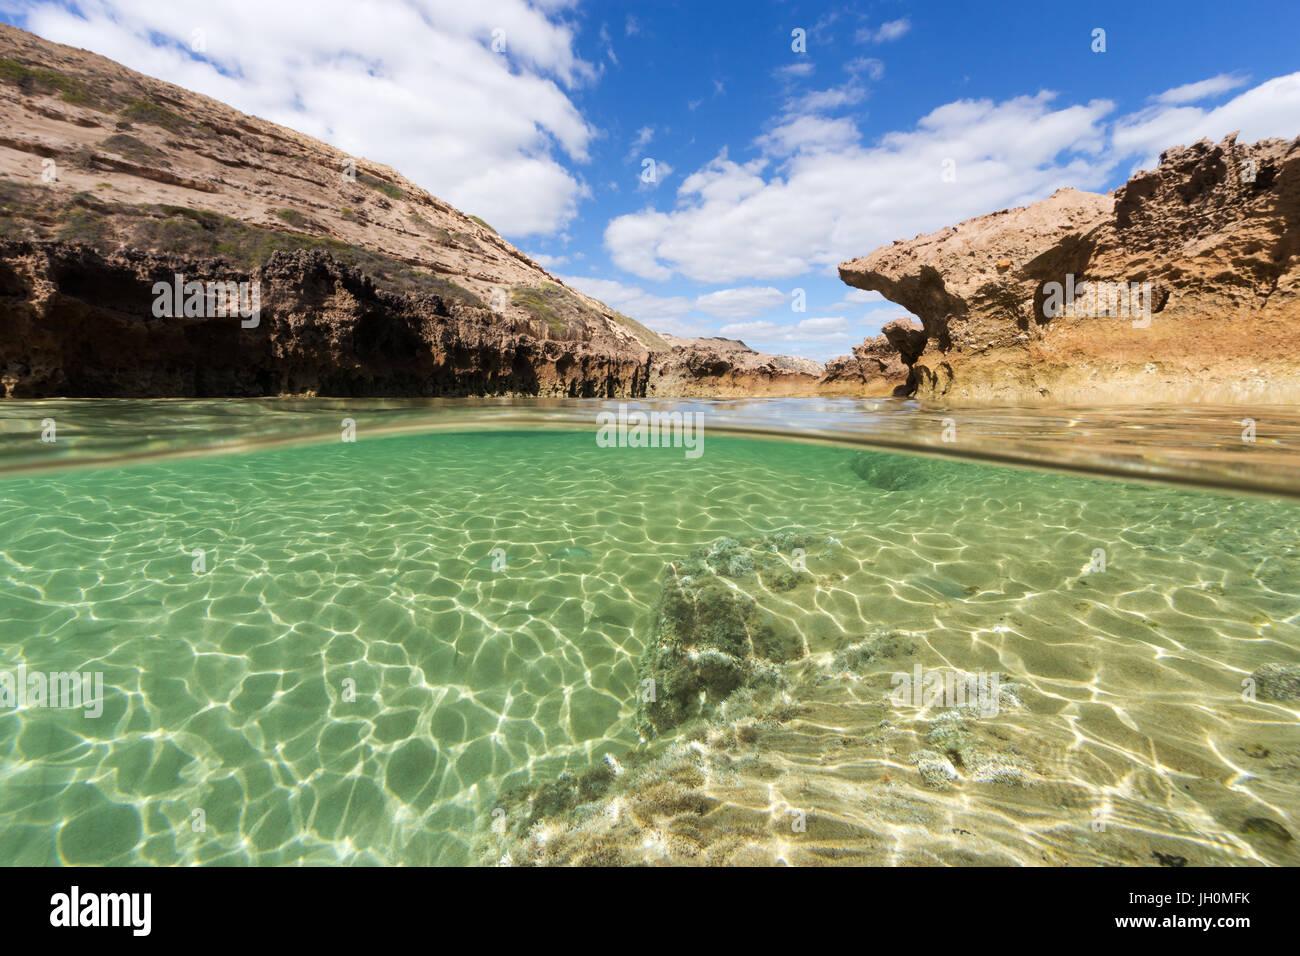 Un split shot de una prístina piscina de roca en una aislada en la costa sur de Australia. Imagen De Stock